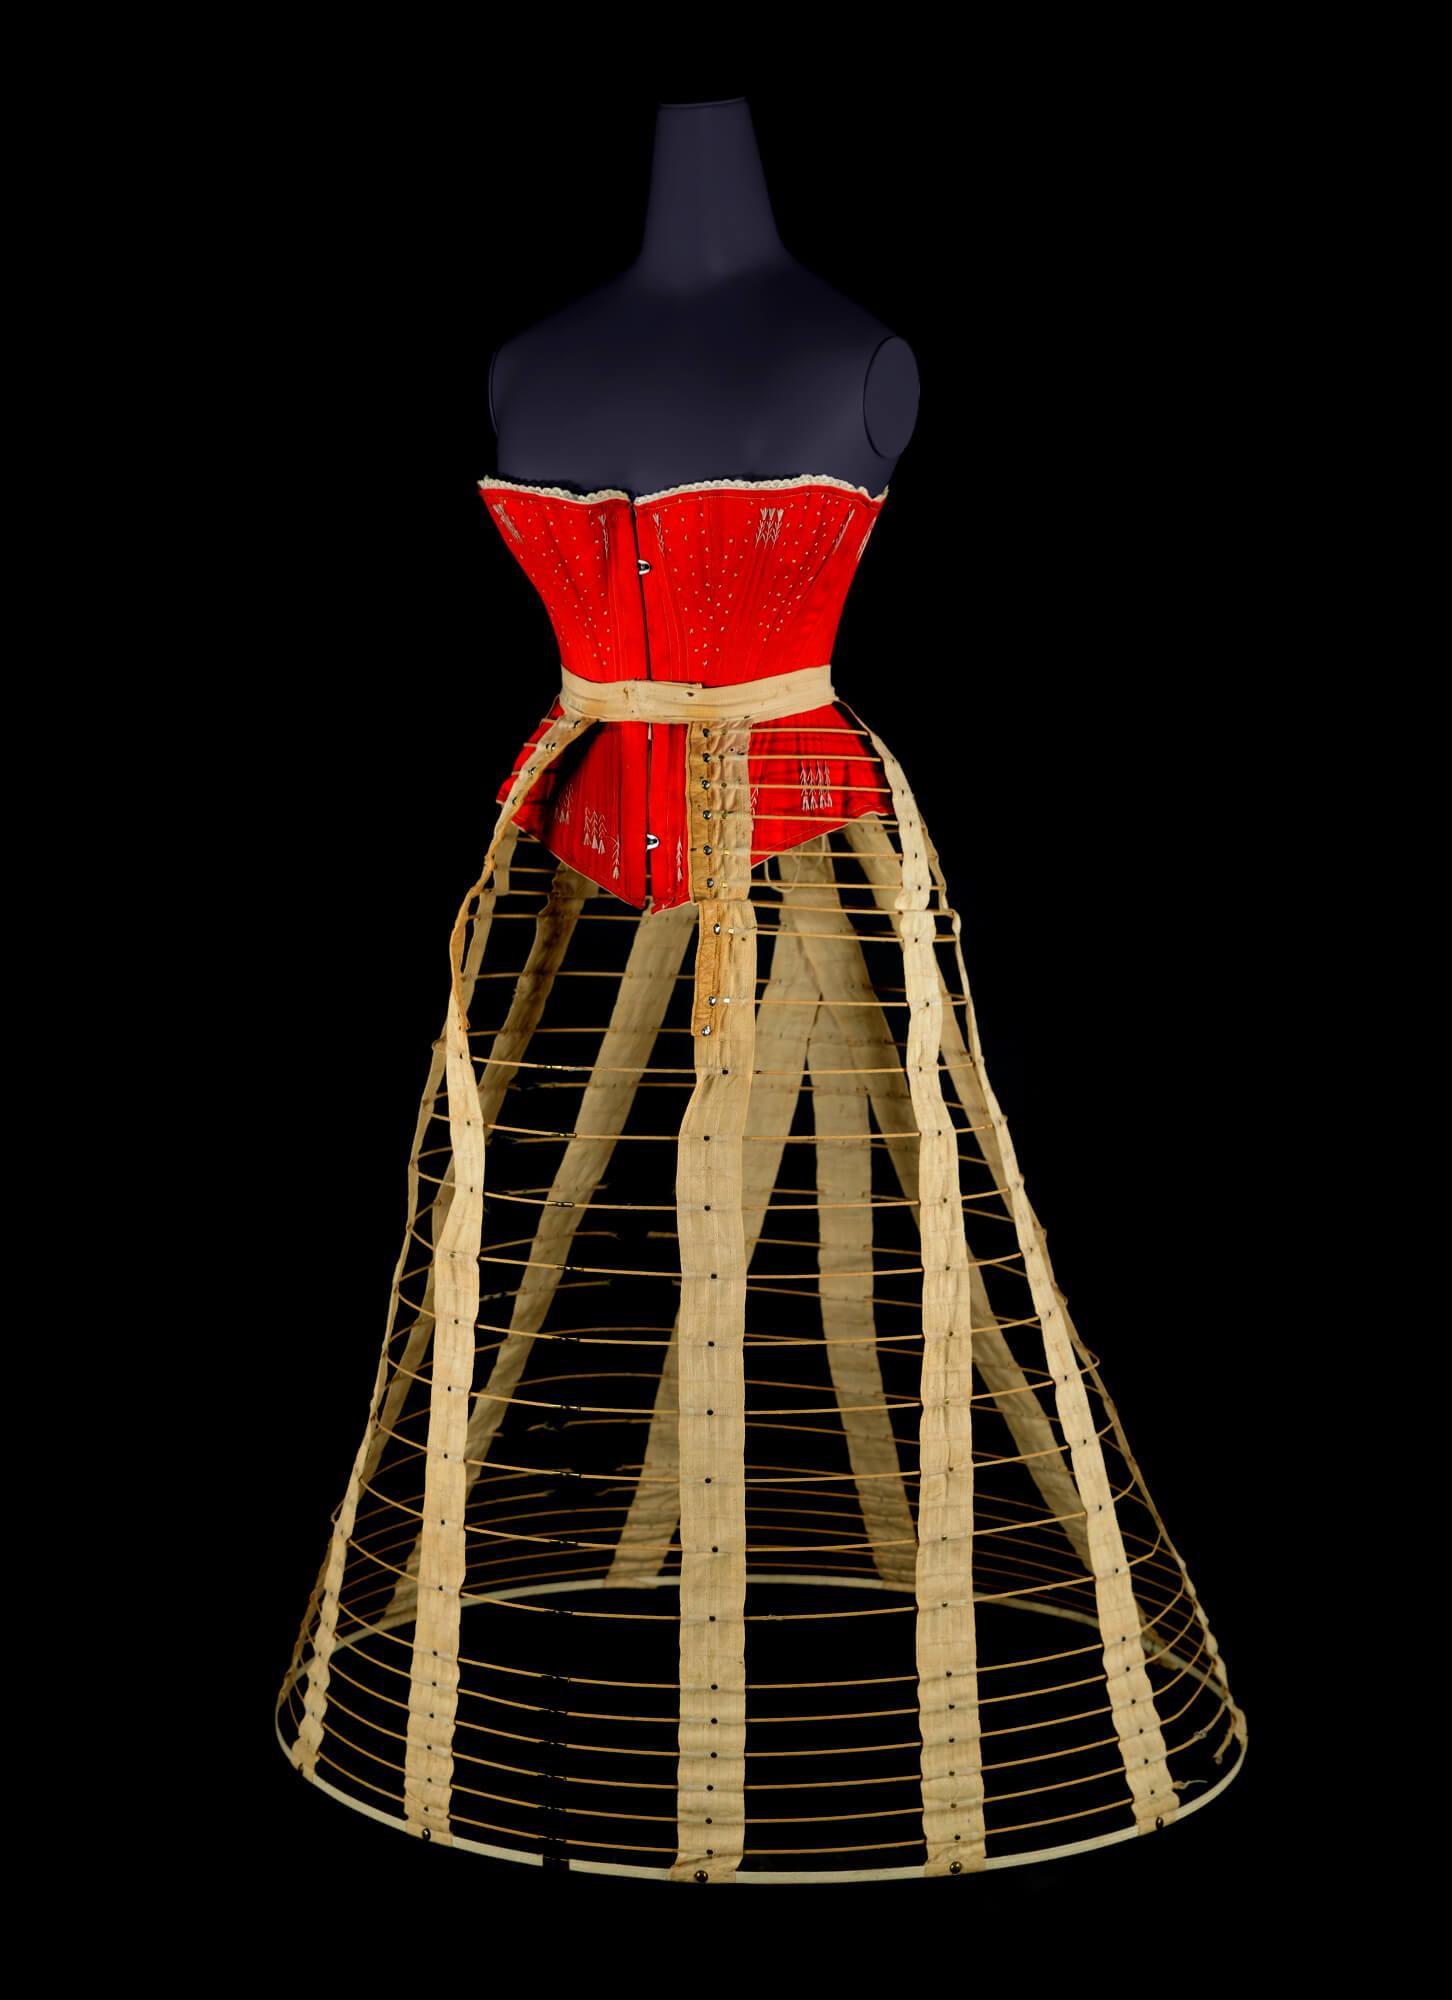 ファッションの「内側」を覗き見る「ファウンデーション~ドレスの内側~」(神戸)